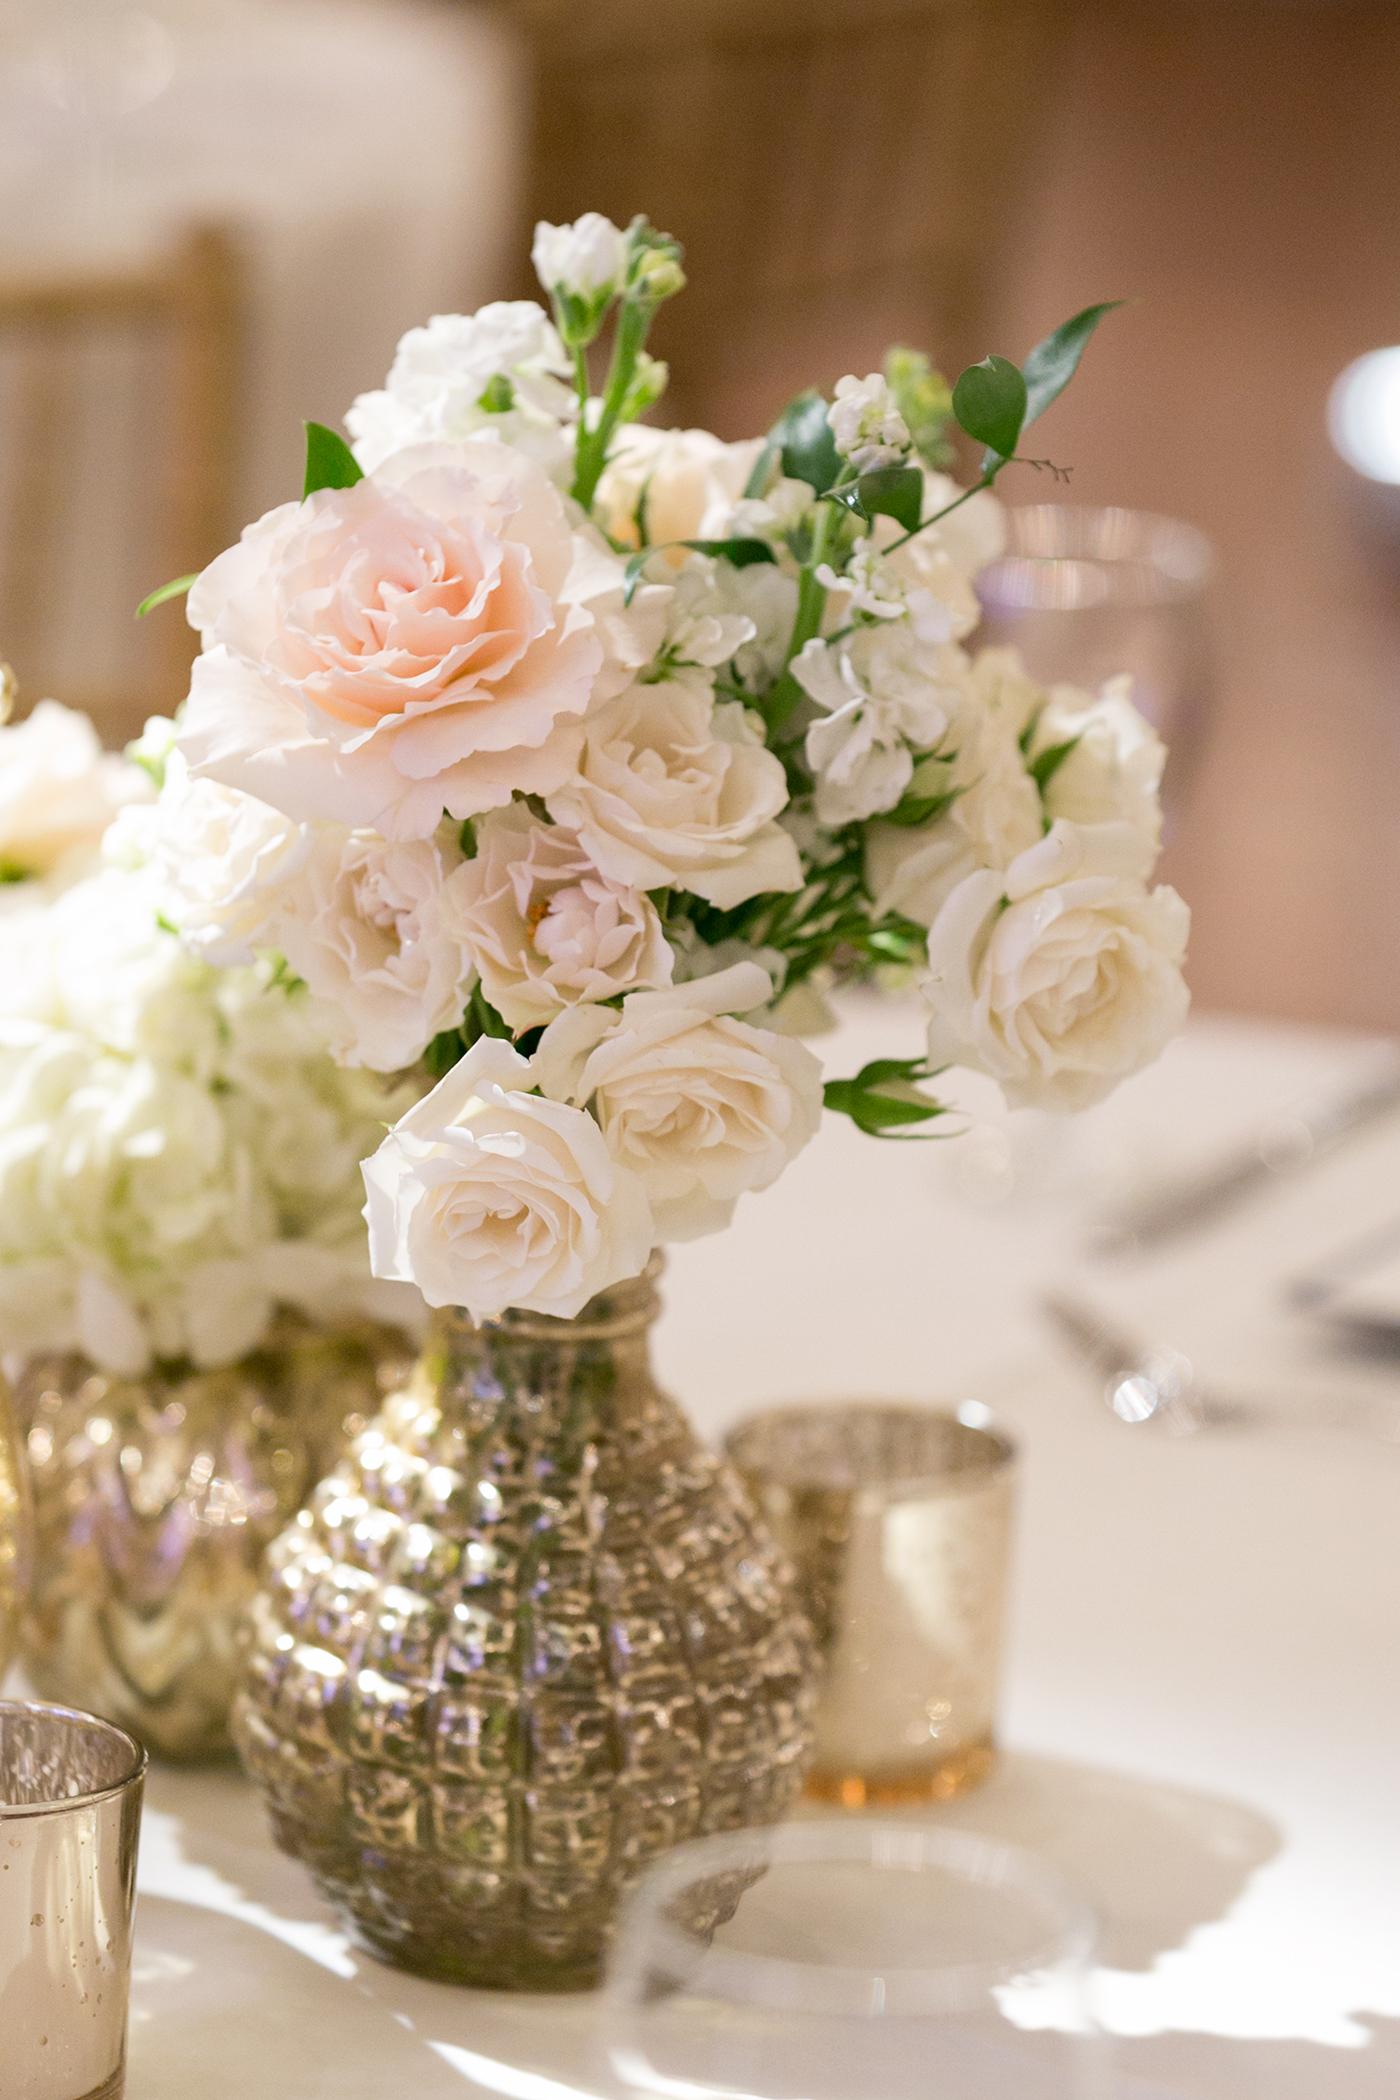 Dallas Wedding Planner - Allday Events - Classic Wedding at Dallas Scottish Rite - 68.jpg